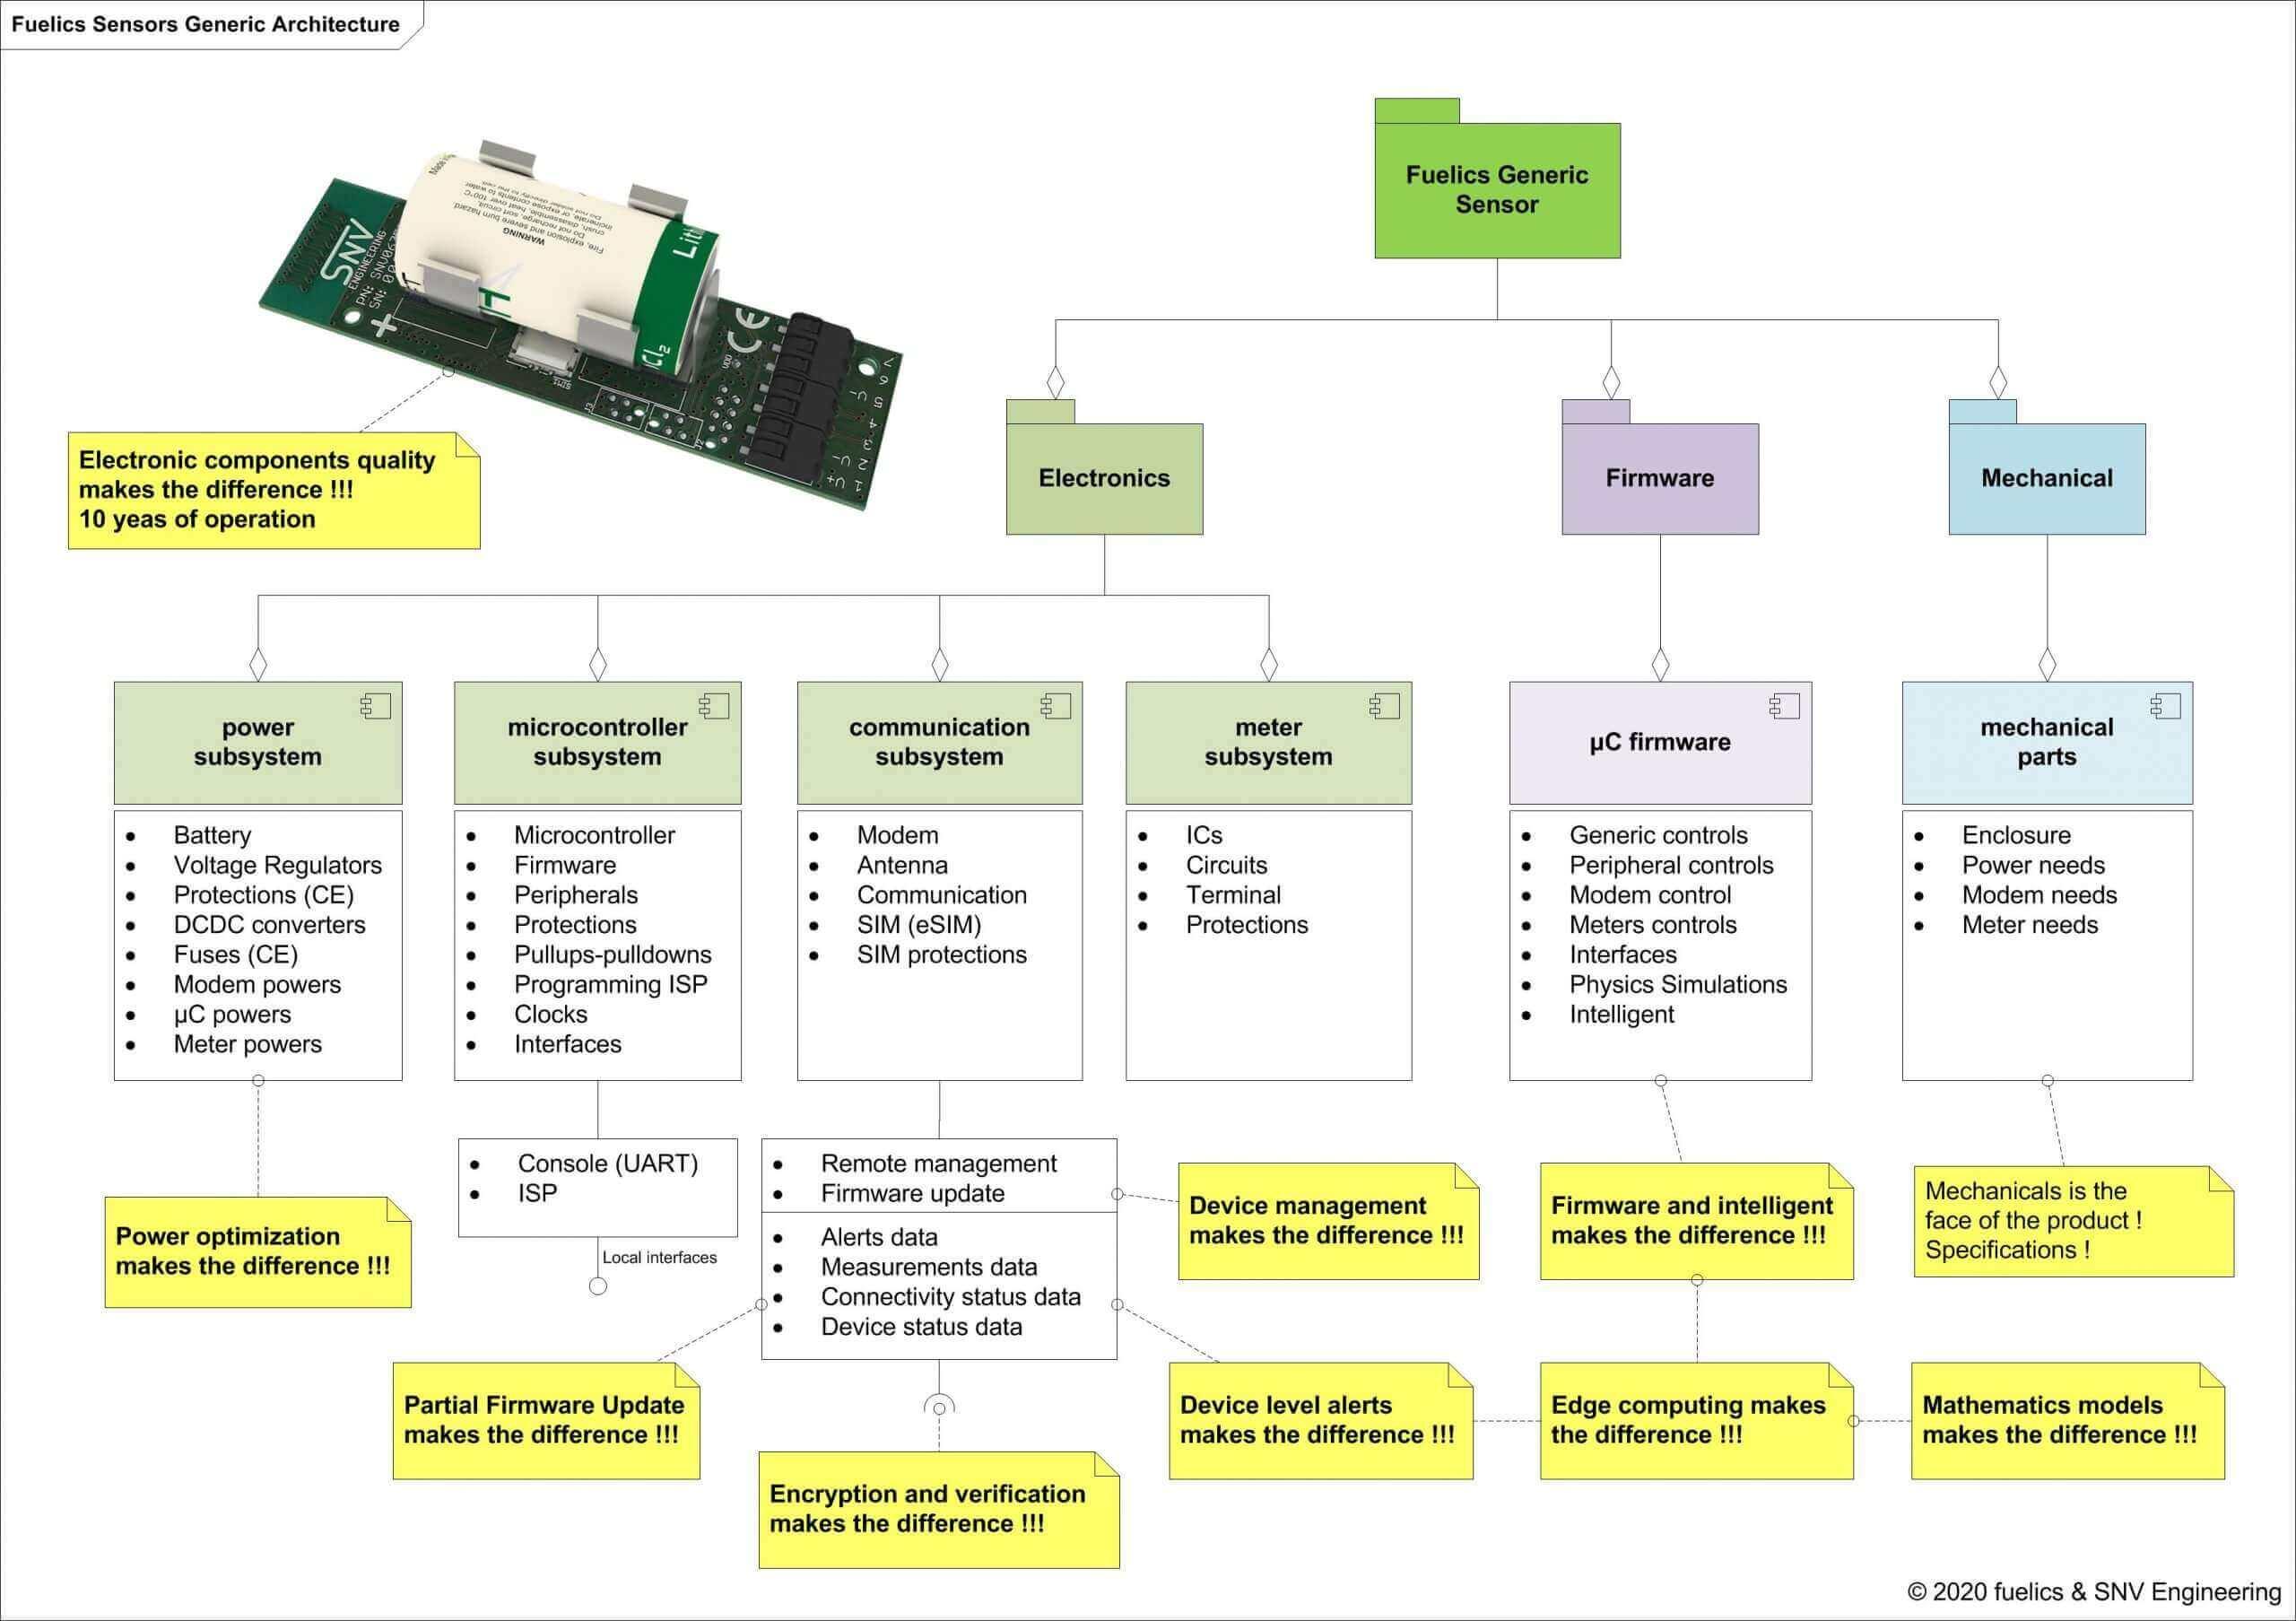 fuelics sensors generic architecture